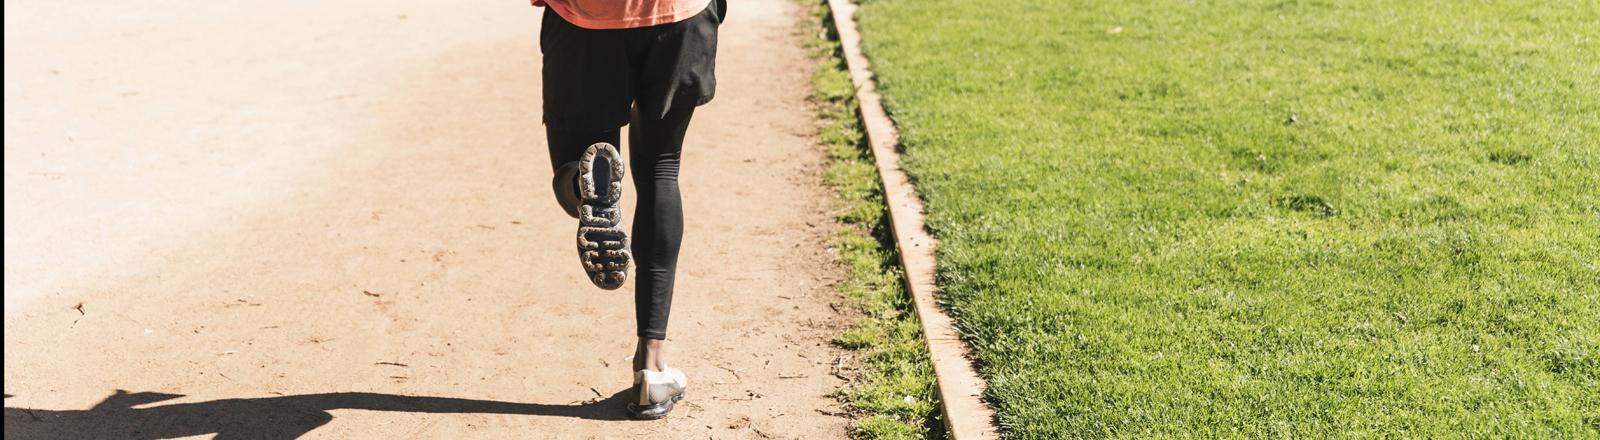 Ein Läufer auf der Laufbahn